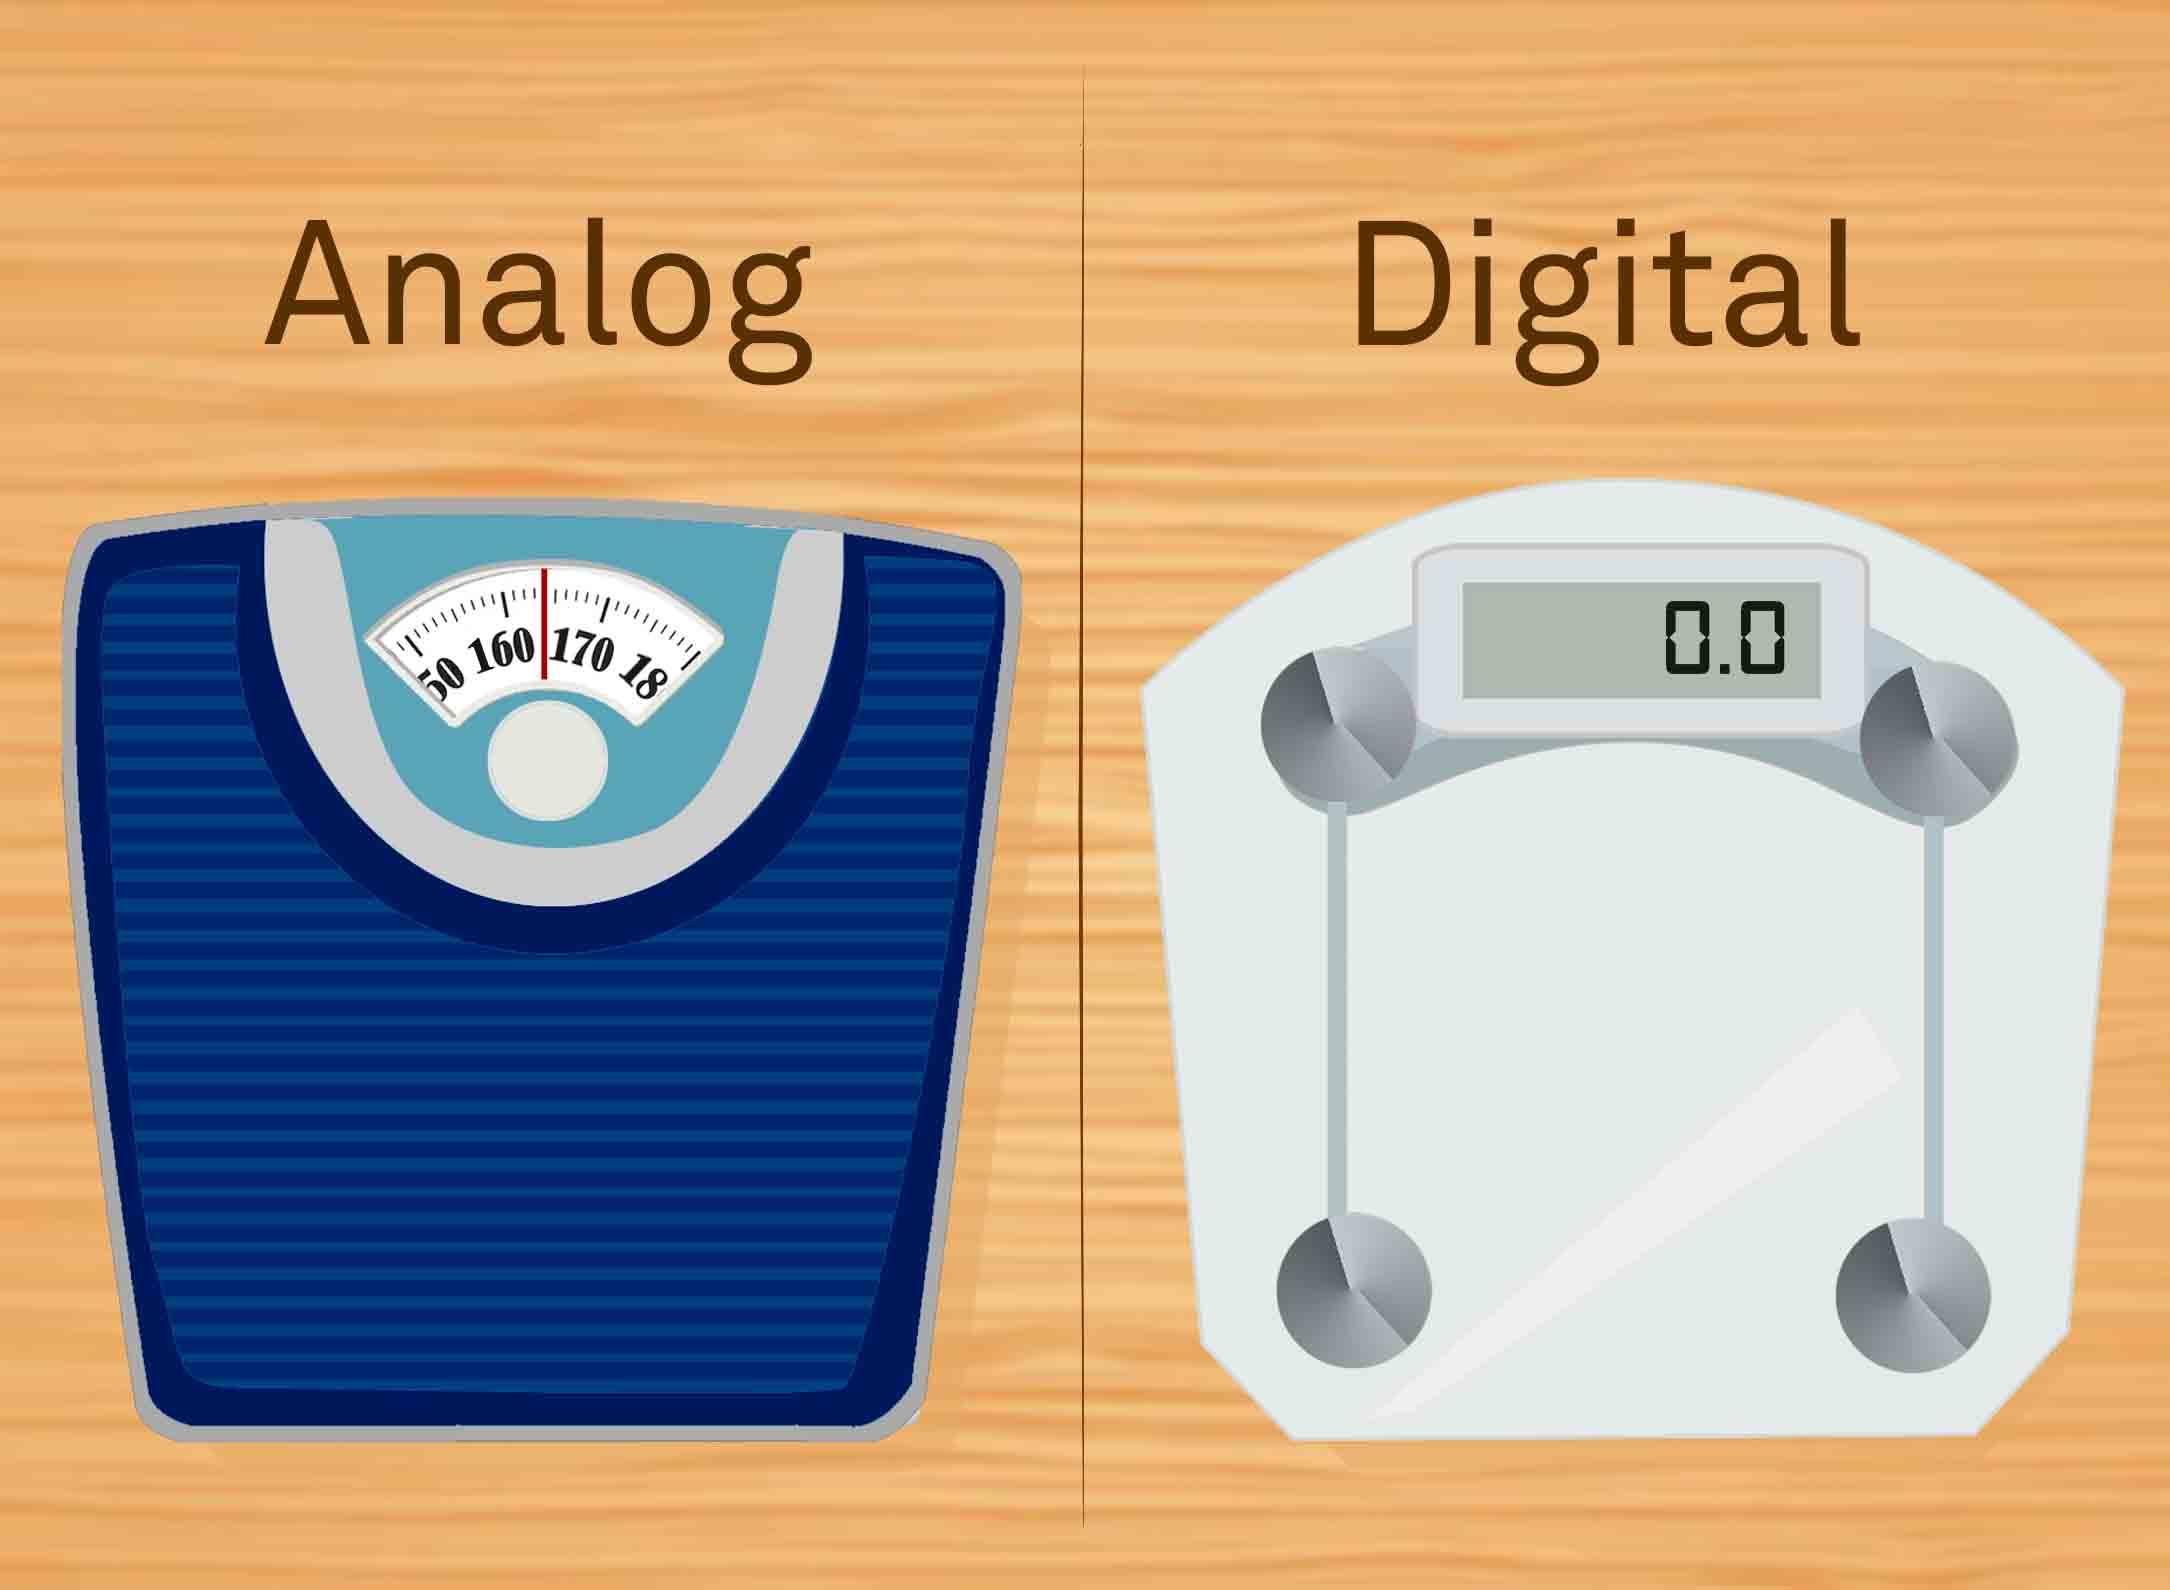 <p><b>Analog vs. Digital</b></p>